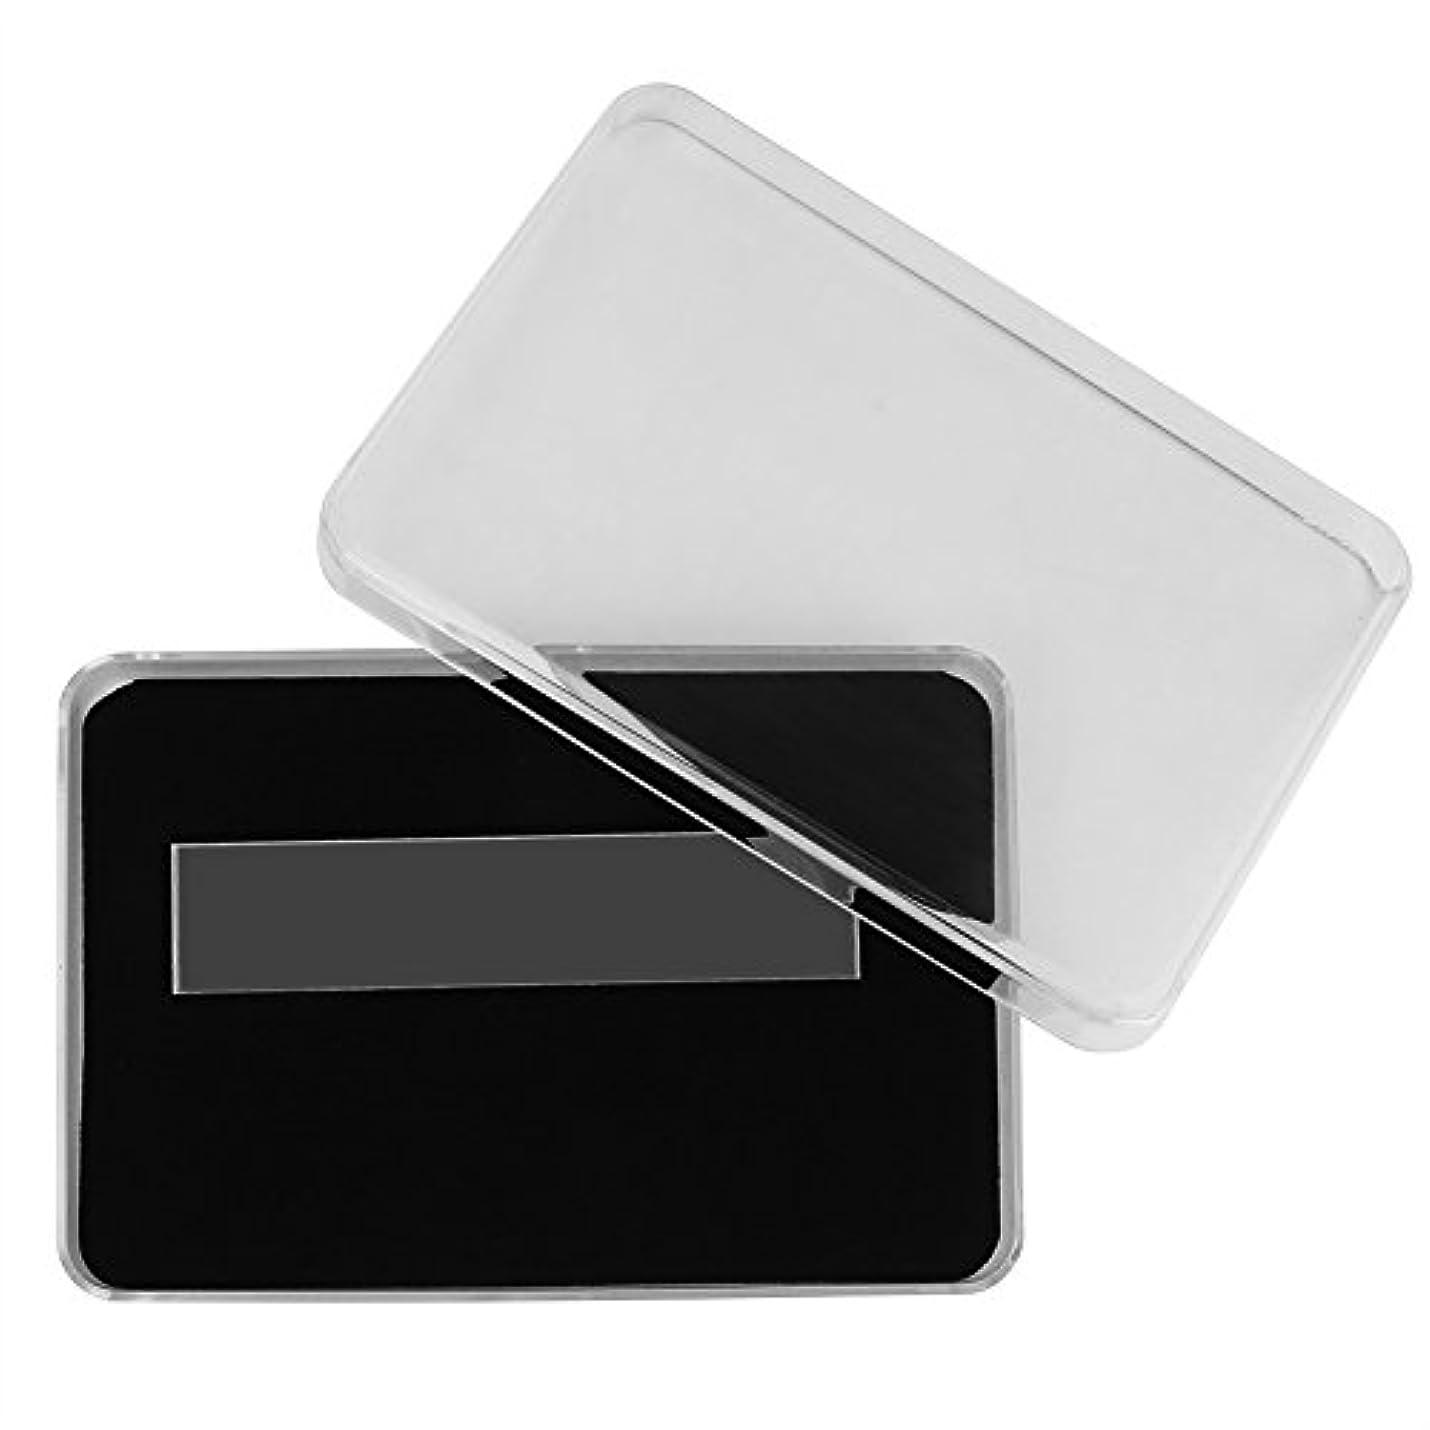 ネイルアート収納ケース、ネイルポリッシュカラーディスプレイボックスネイルアート表示チャートコンテナマニキュア